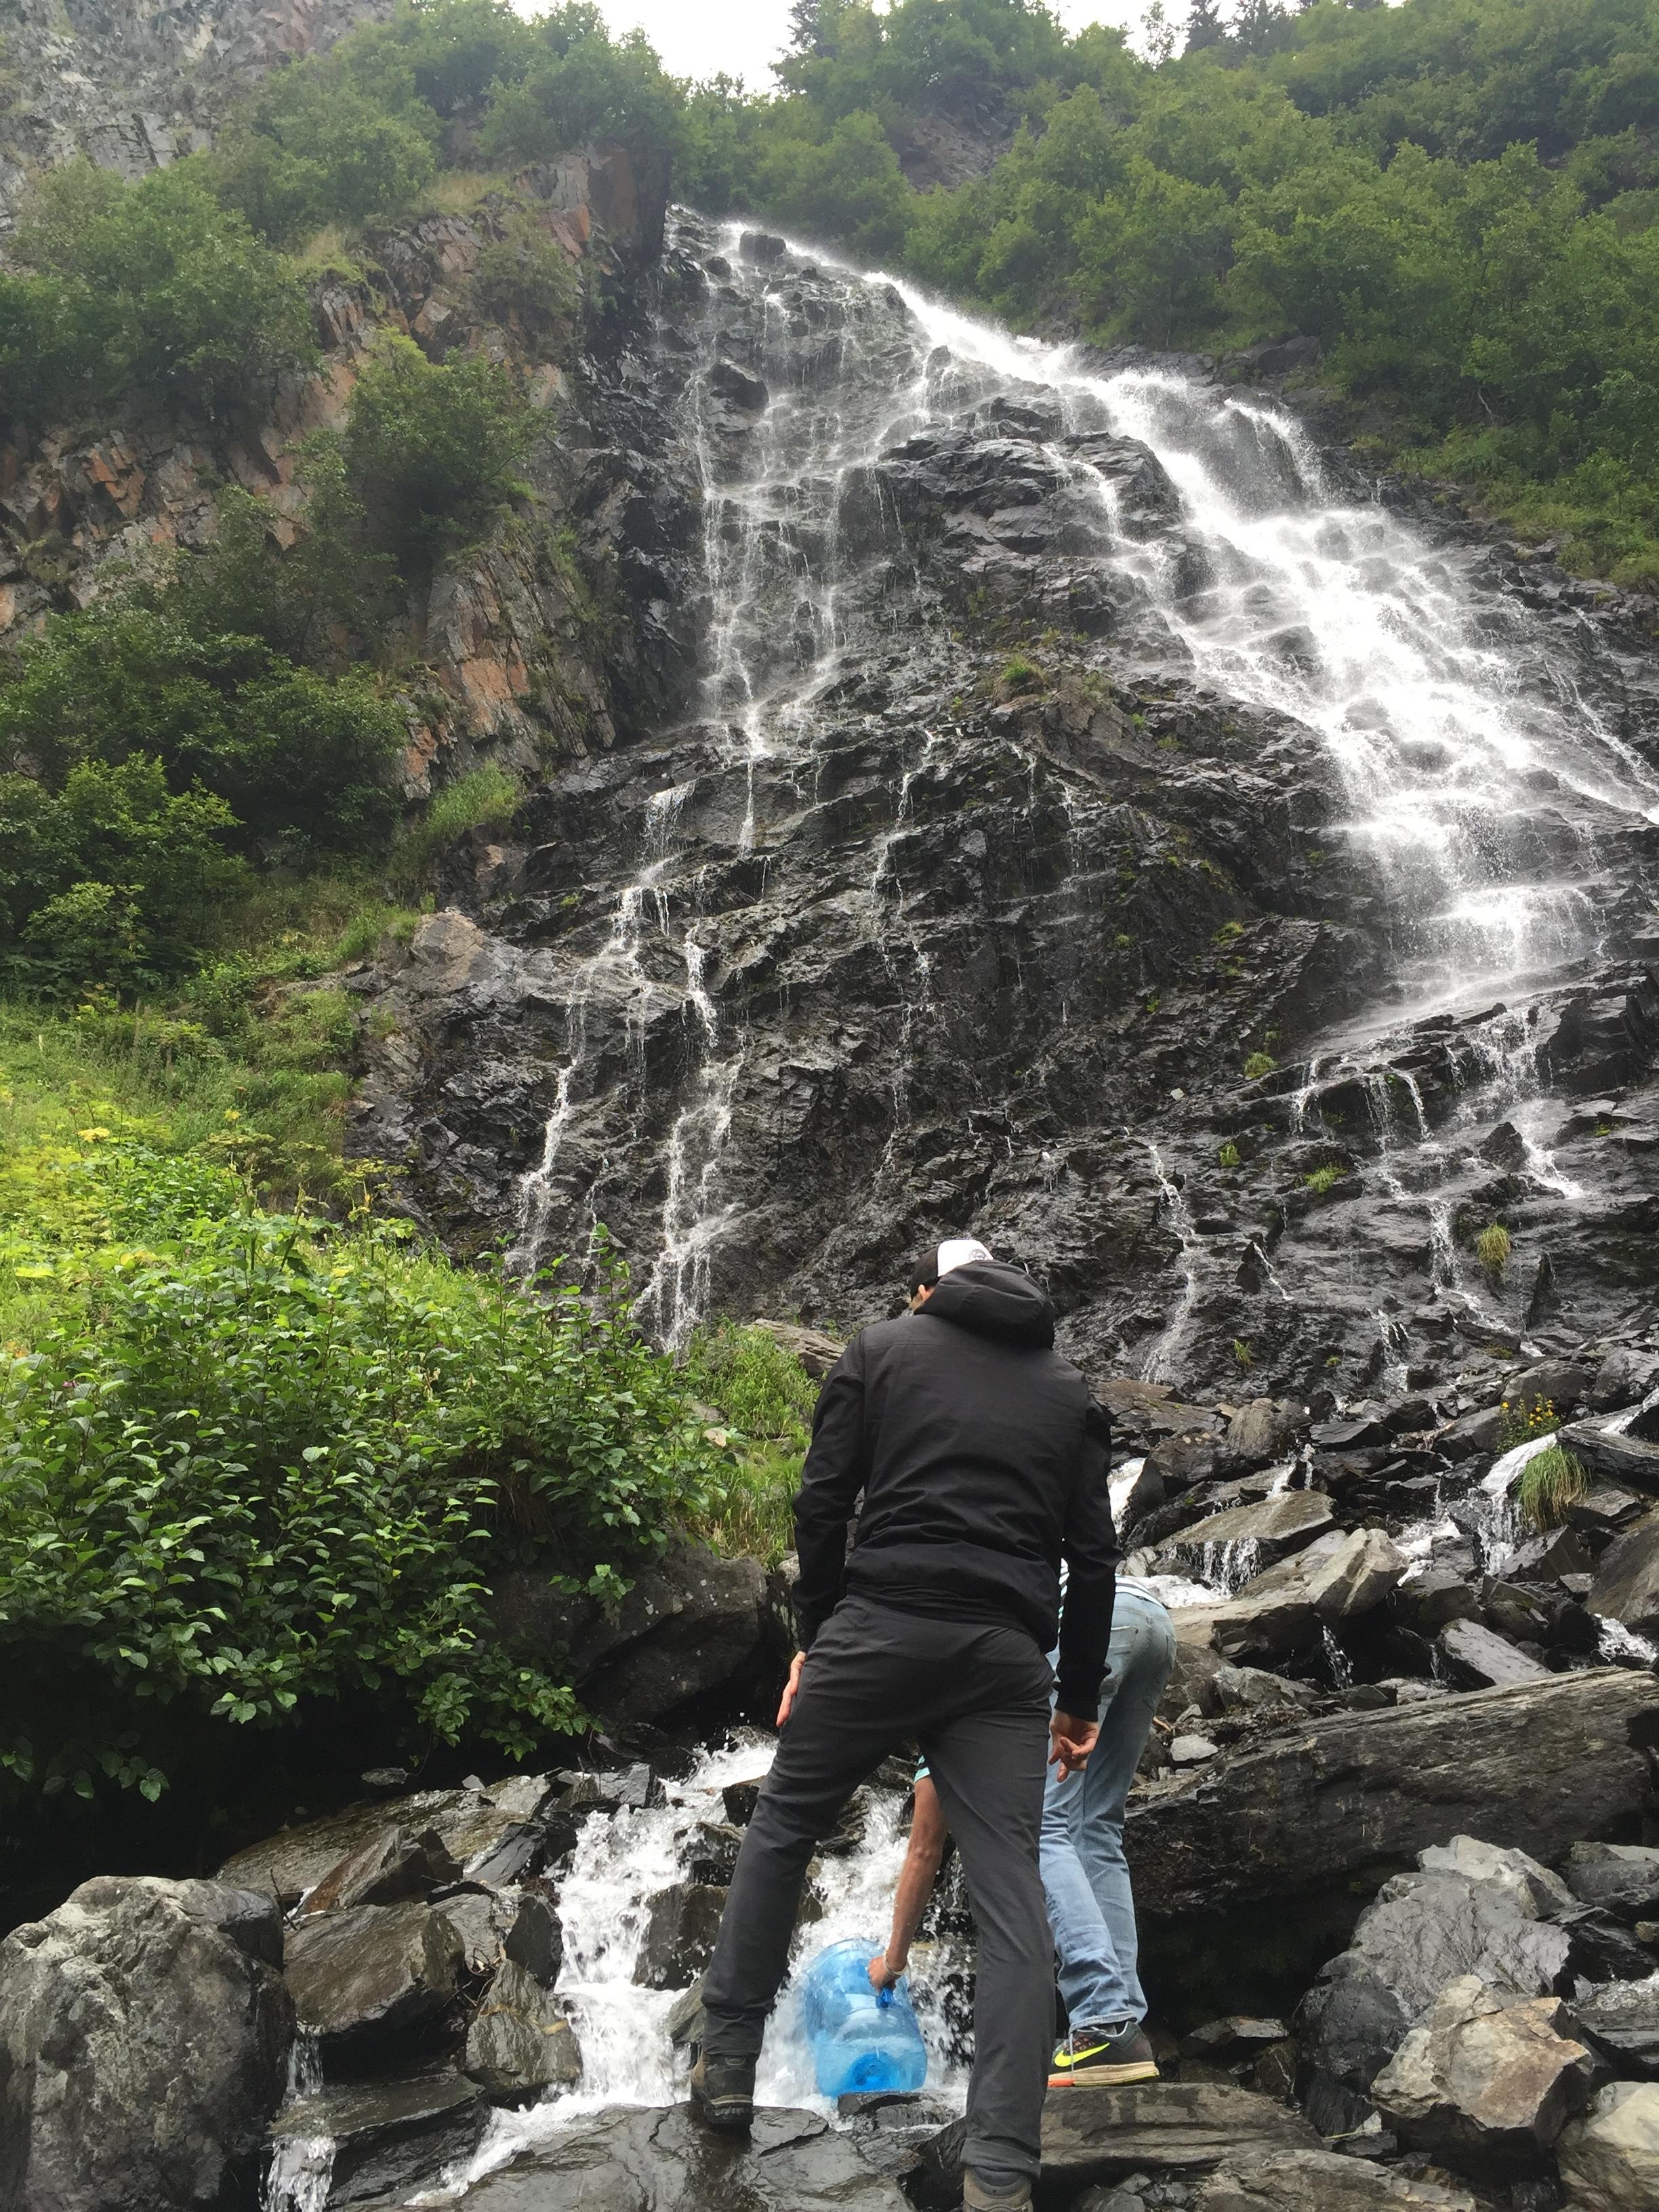 fetching-fresh-water-spring-alaska